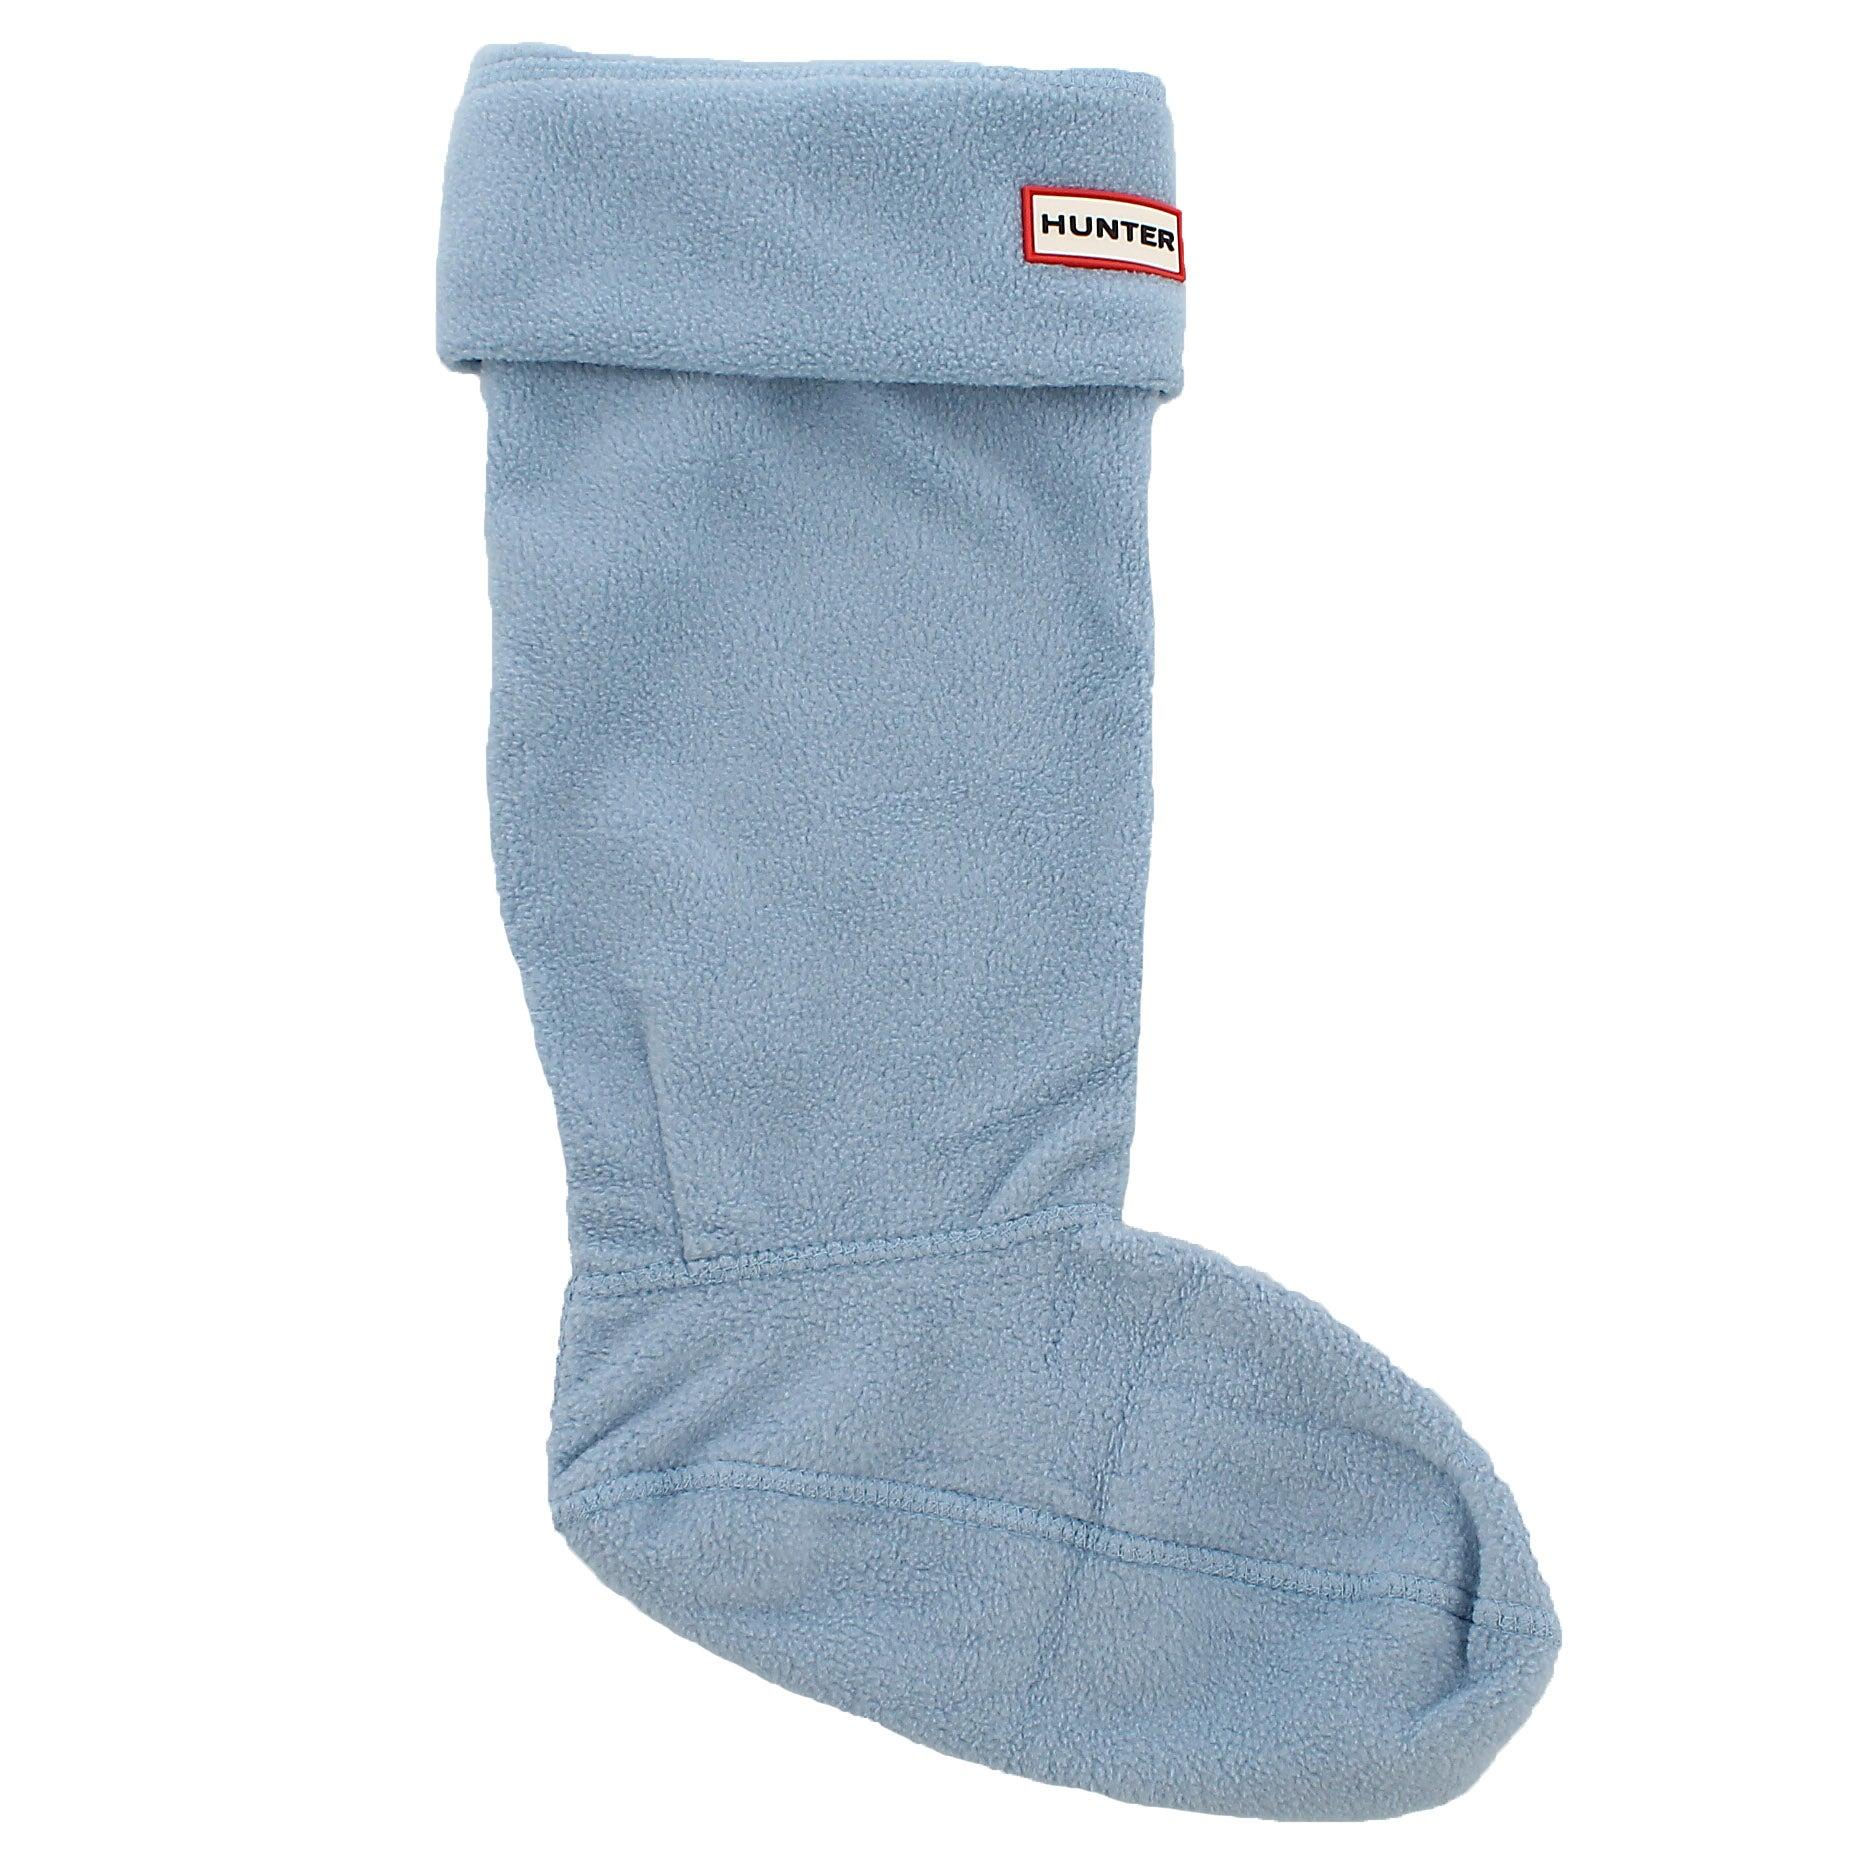 Chausson BOOT SOCK, bleu ciel, femmes